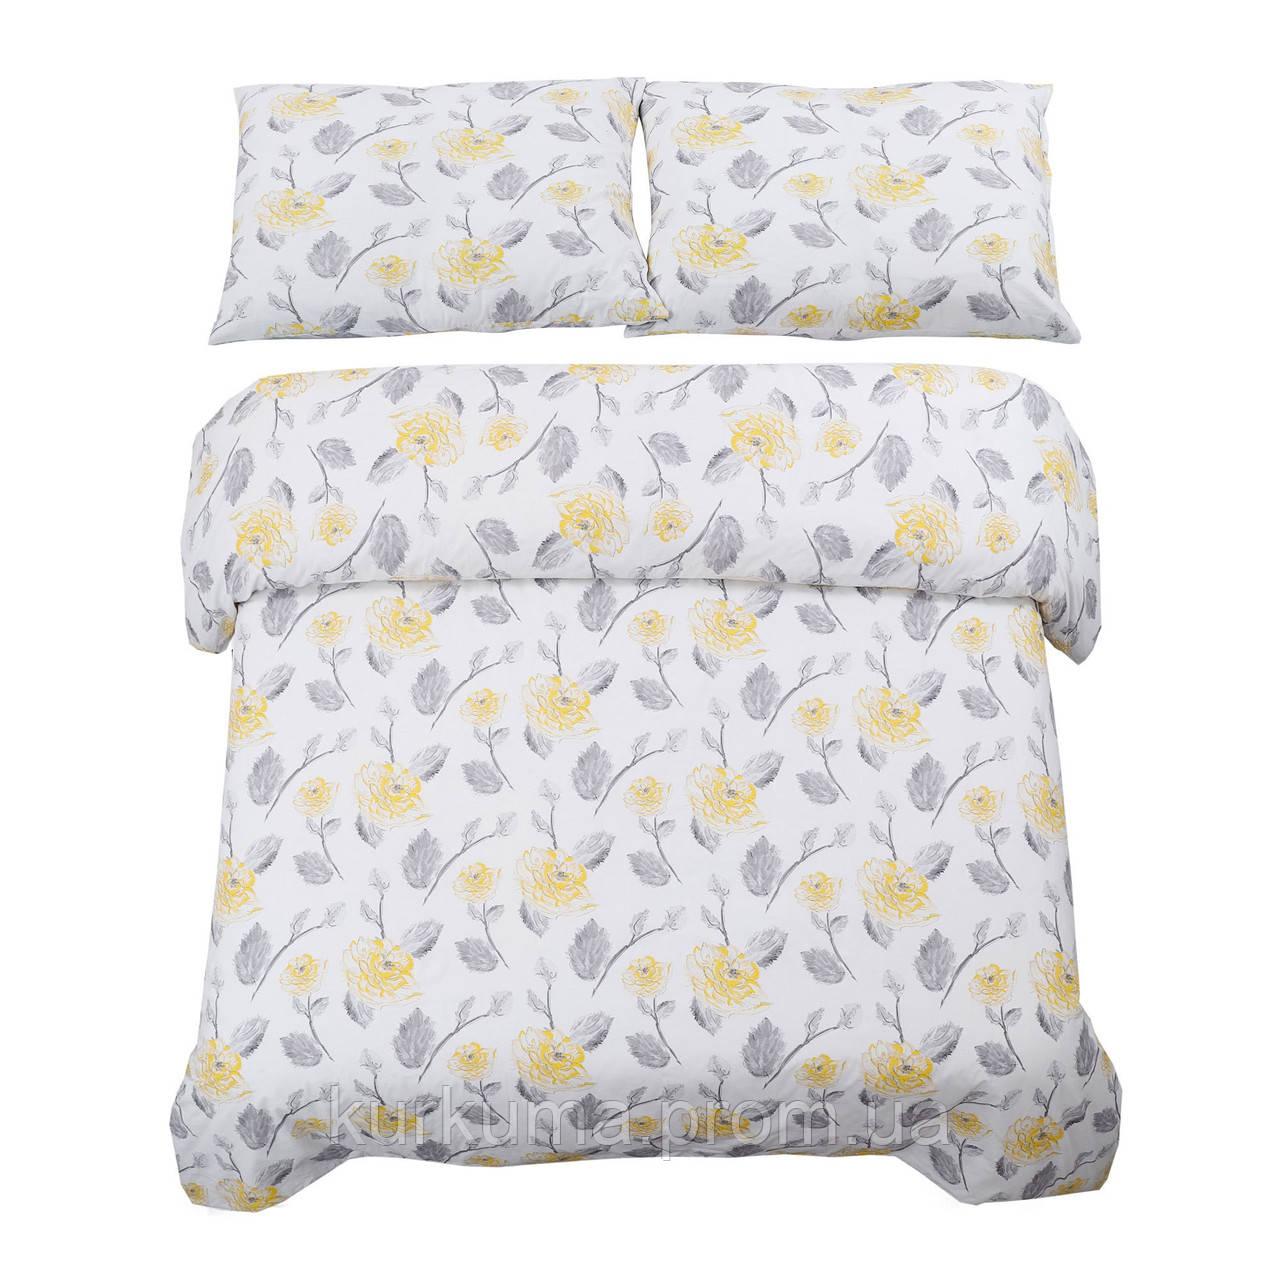 Комплект постельного белья AMY 160x200 см